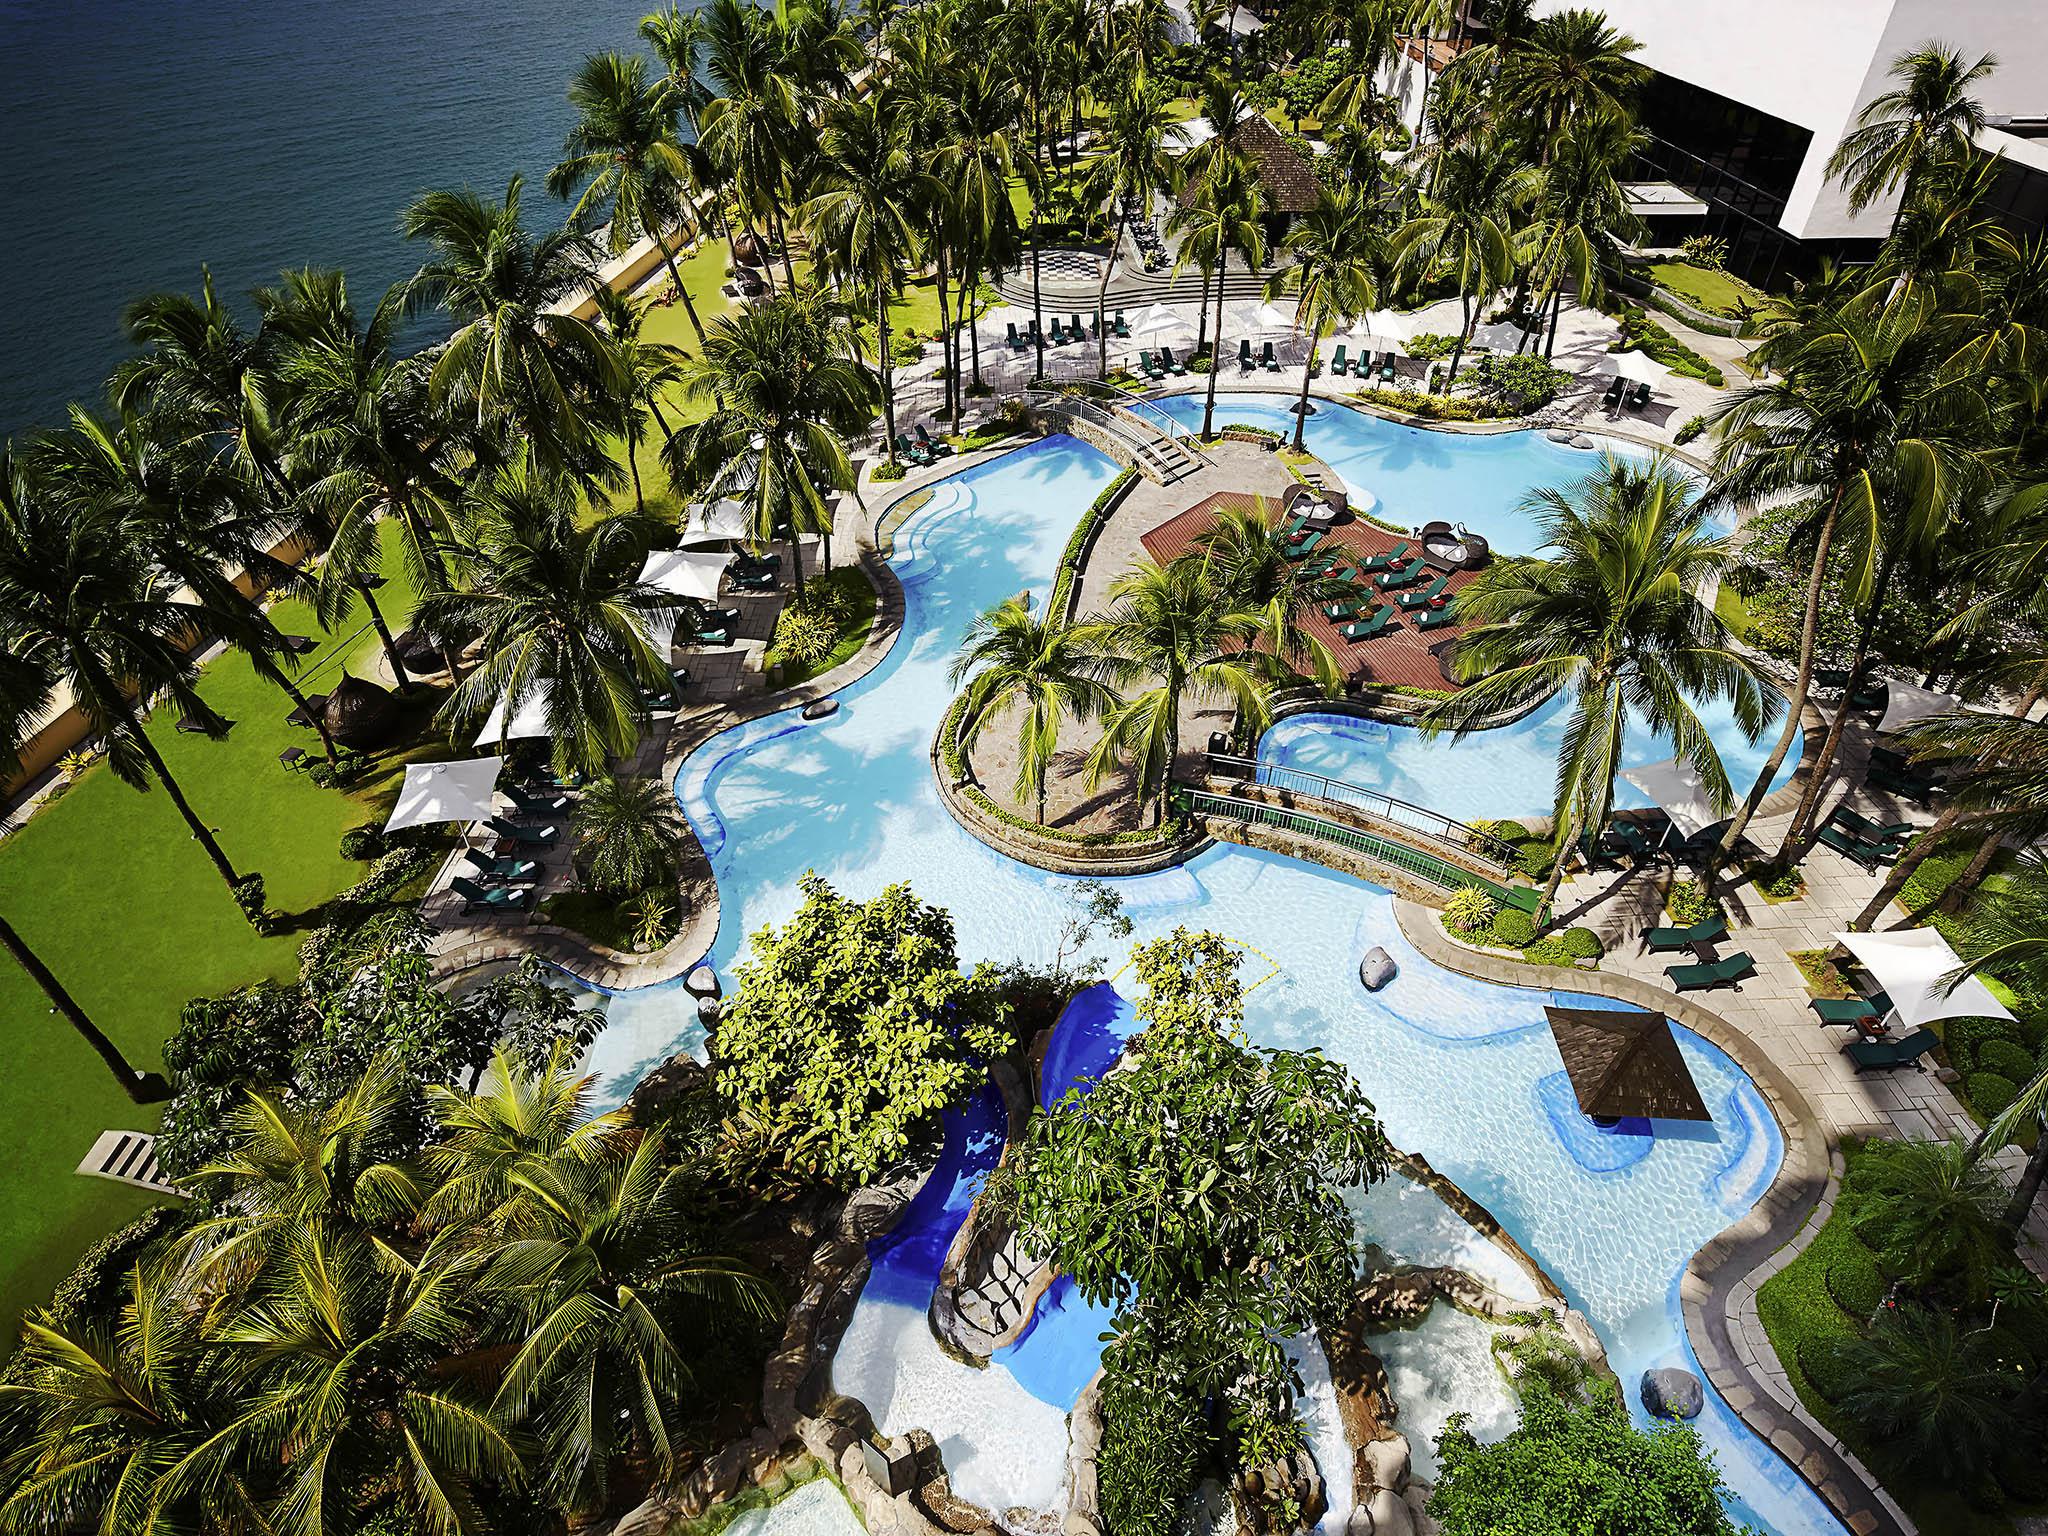 โรงแรม – โซฟิเทล ฟิลิปปินส์ พลาซ่า มะนิลา